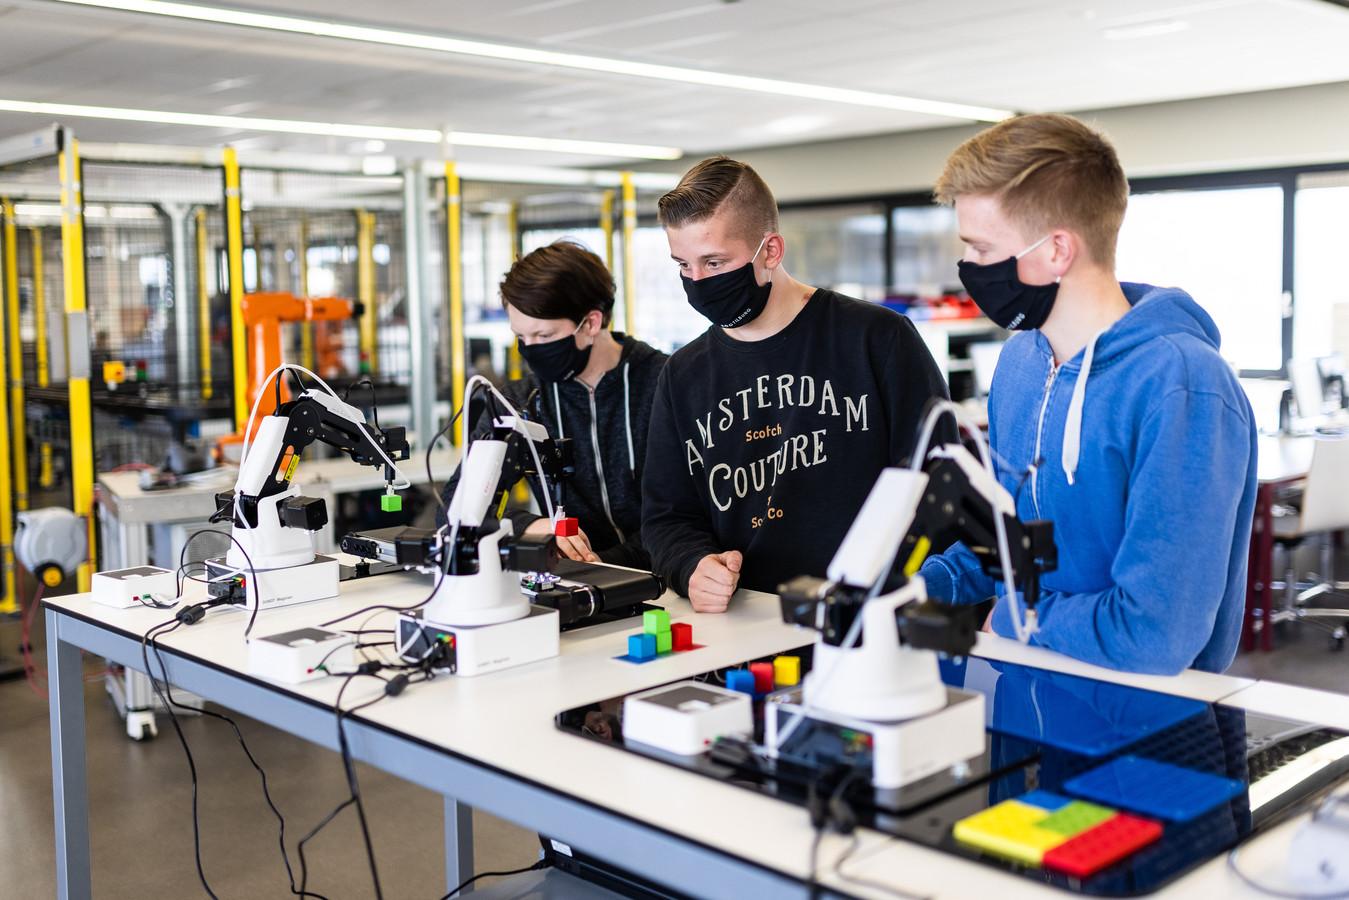 ROC-studenten Mechatronica Tjeerd, Dylan en Luc kijken geboeid naar de handelingen van de robots waarmee ze tijdens hun studie mee aan de slag mogen. Op de achtergrond de grote robotarm.